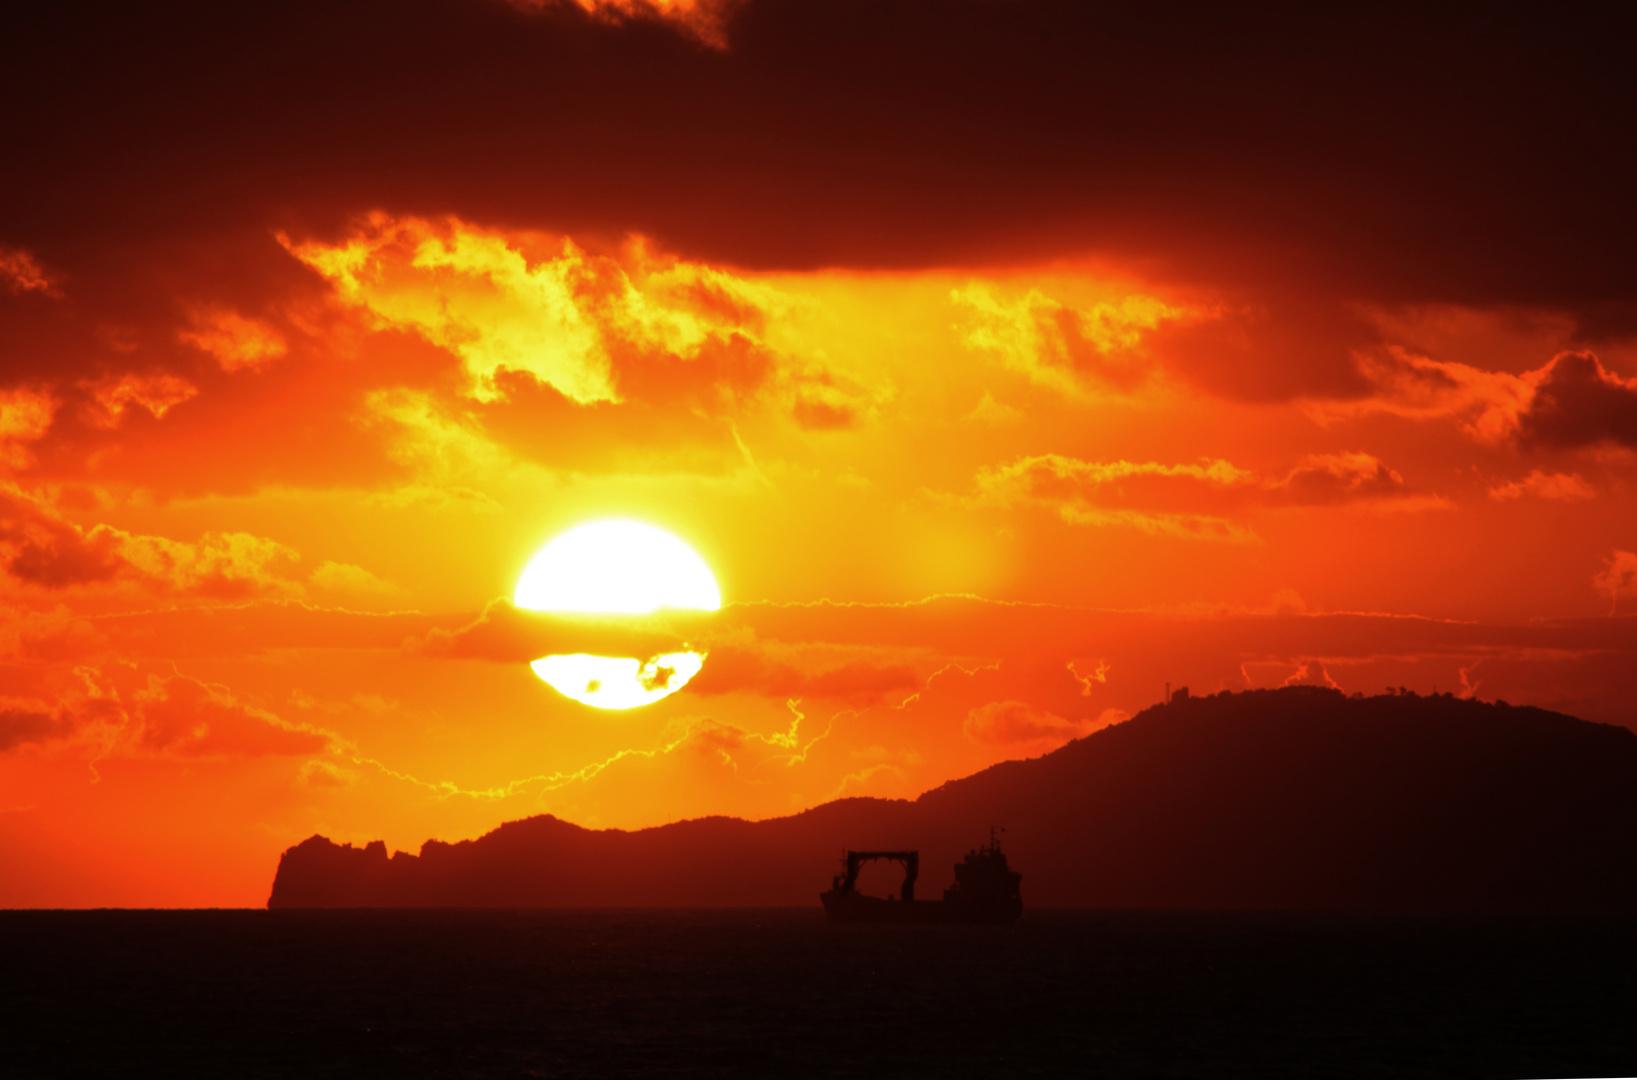 Sunset in Marina di Massa